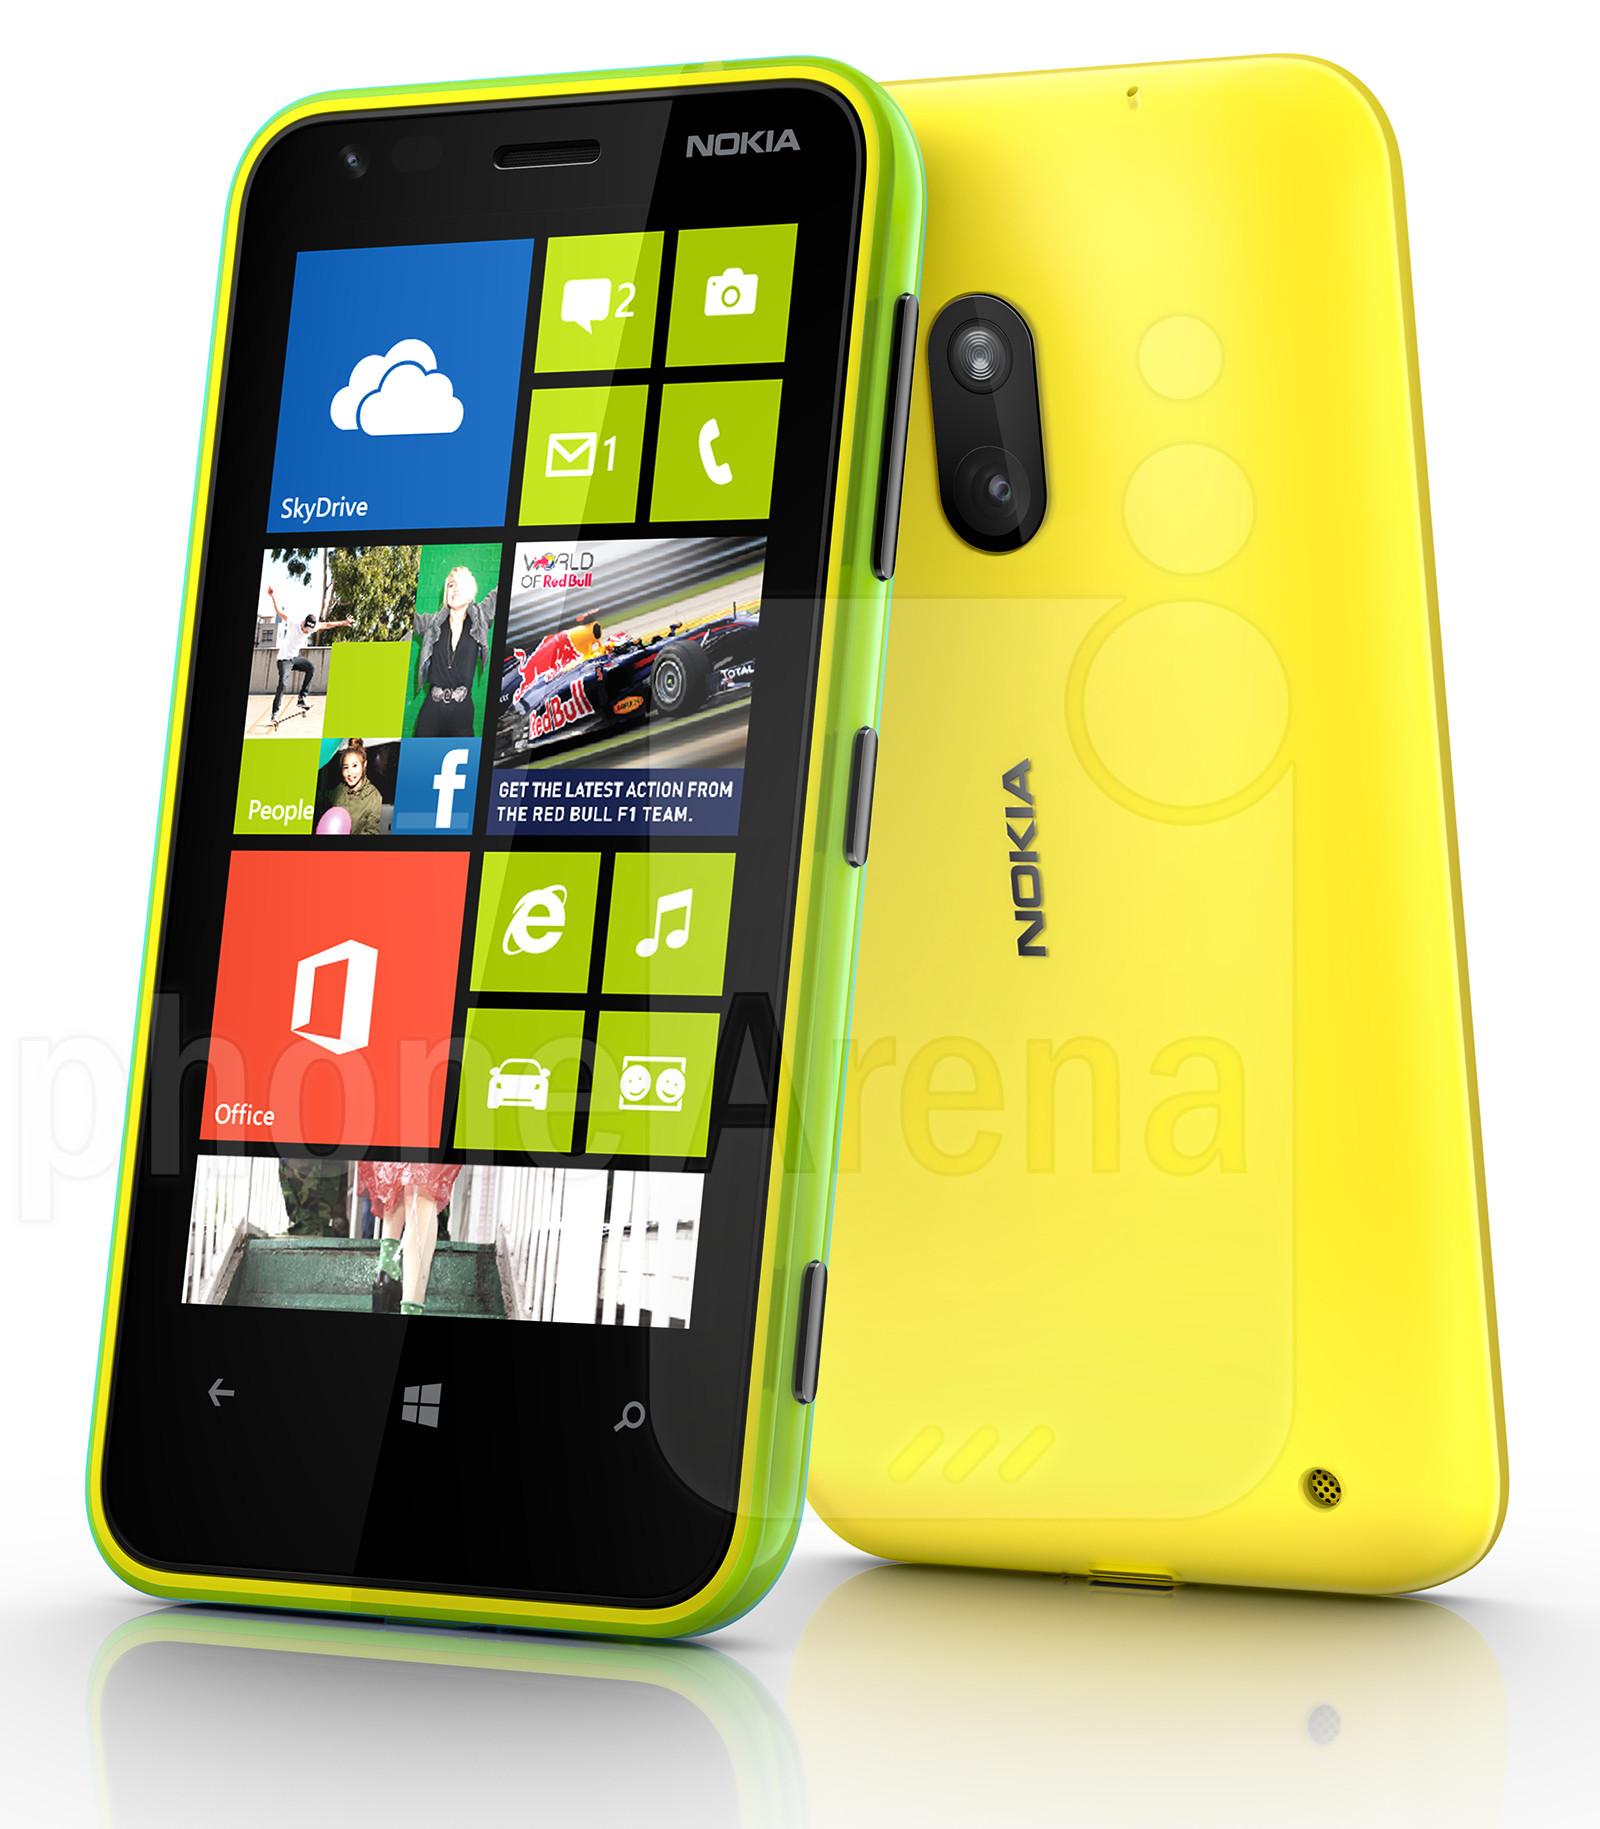 Gratis Nokia Smartphone bij een Sim Only met internet